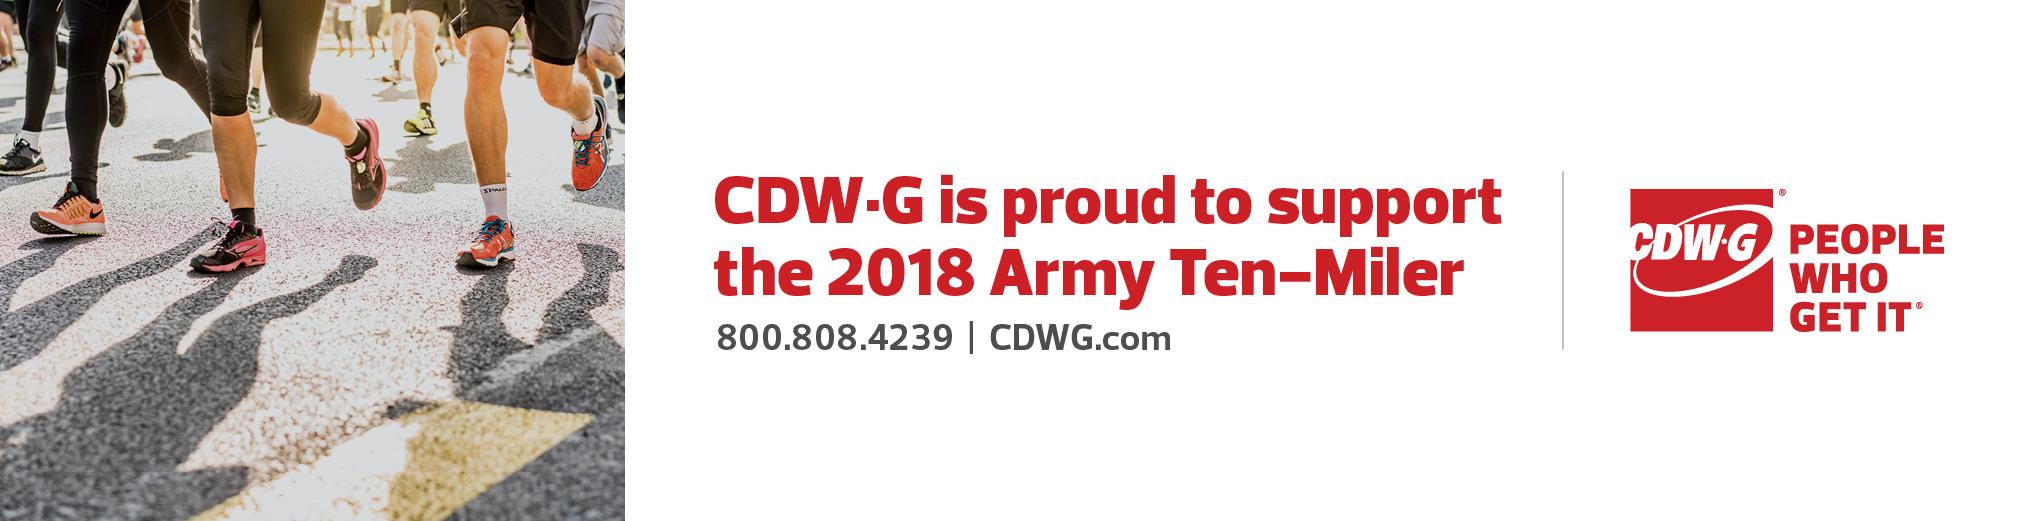 cdw-g.jpg